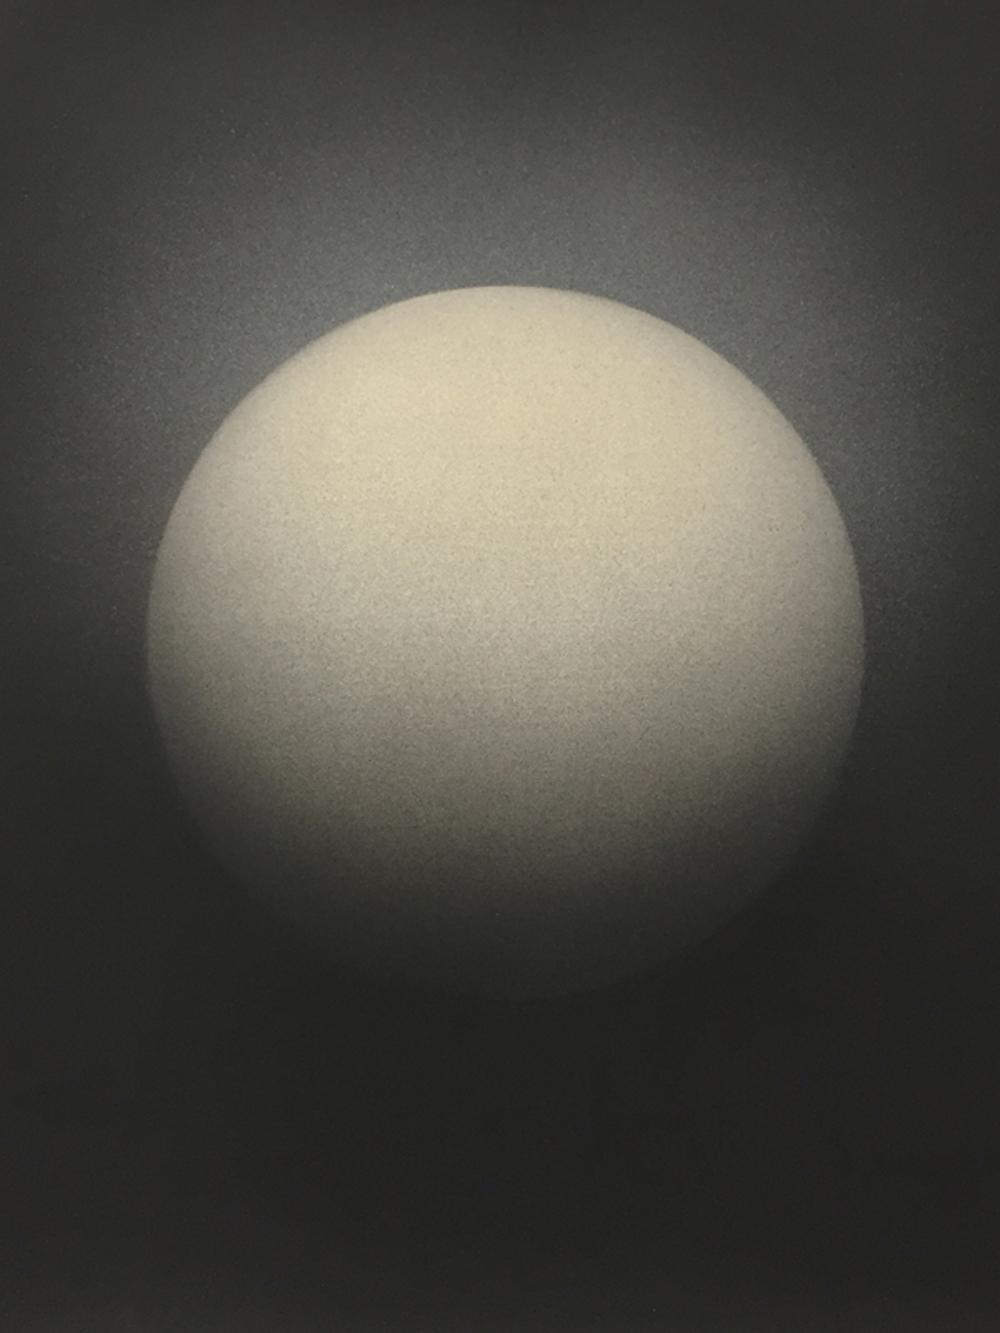 Senza titolo, 2016, tempera e inchiostro su carta montata su tela, cm 60x50